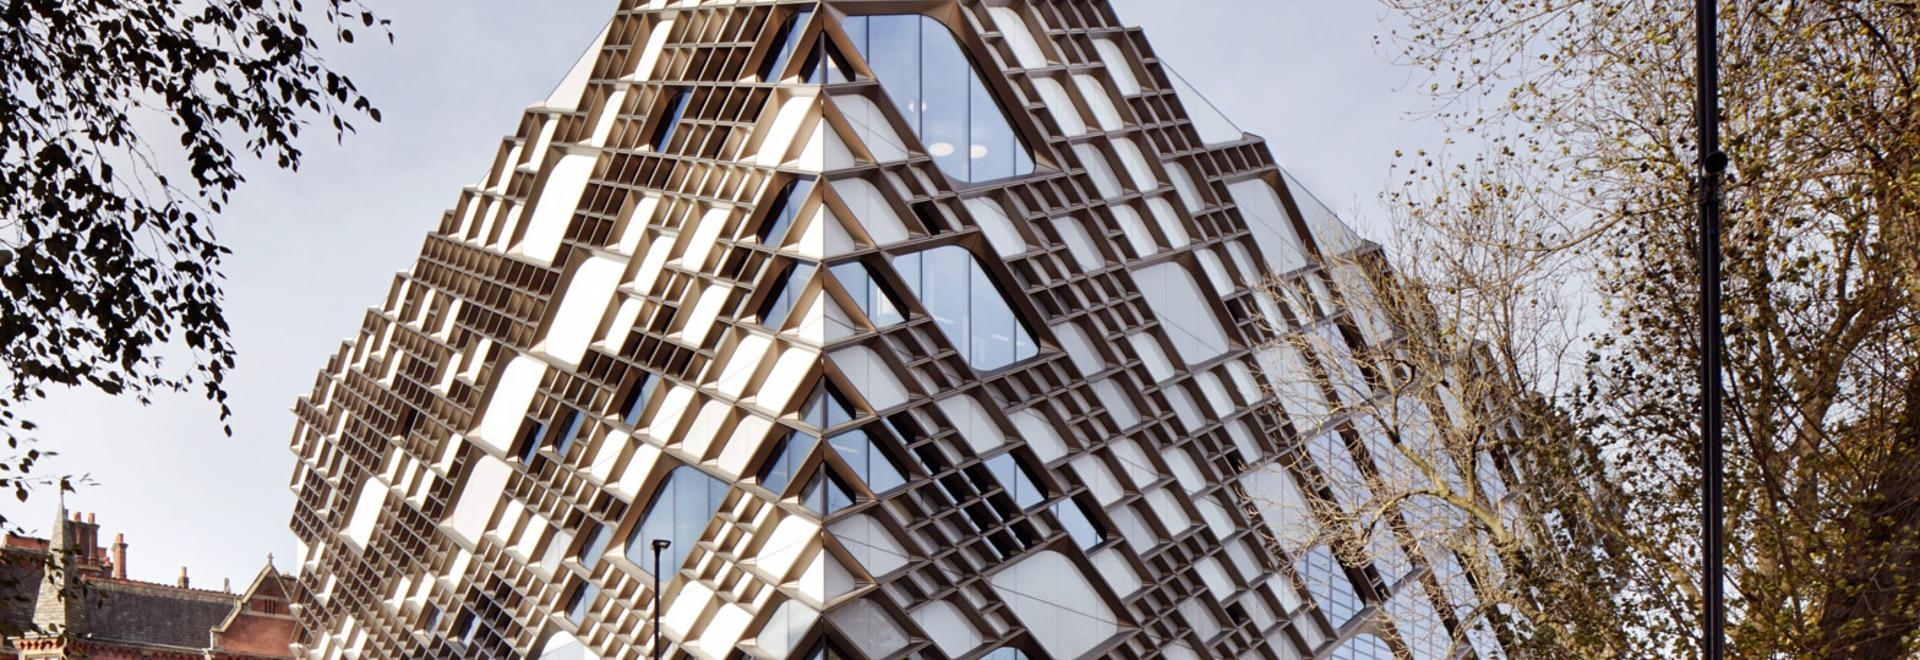 Architektur Fassade zwölf architekten wendet diamant gekopierte fassade am sheffield